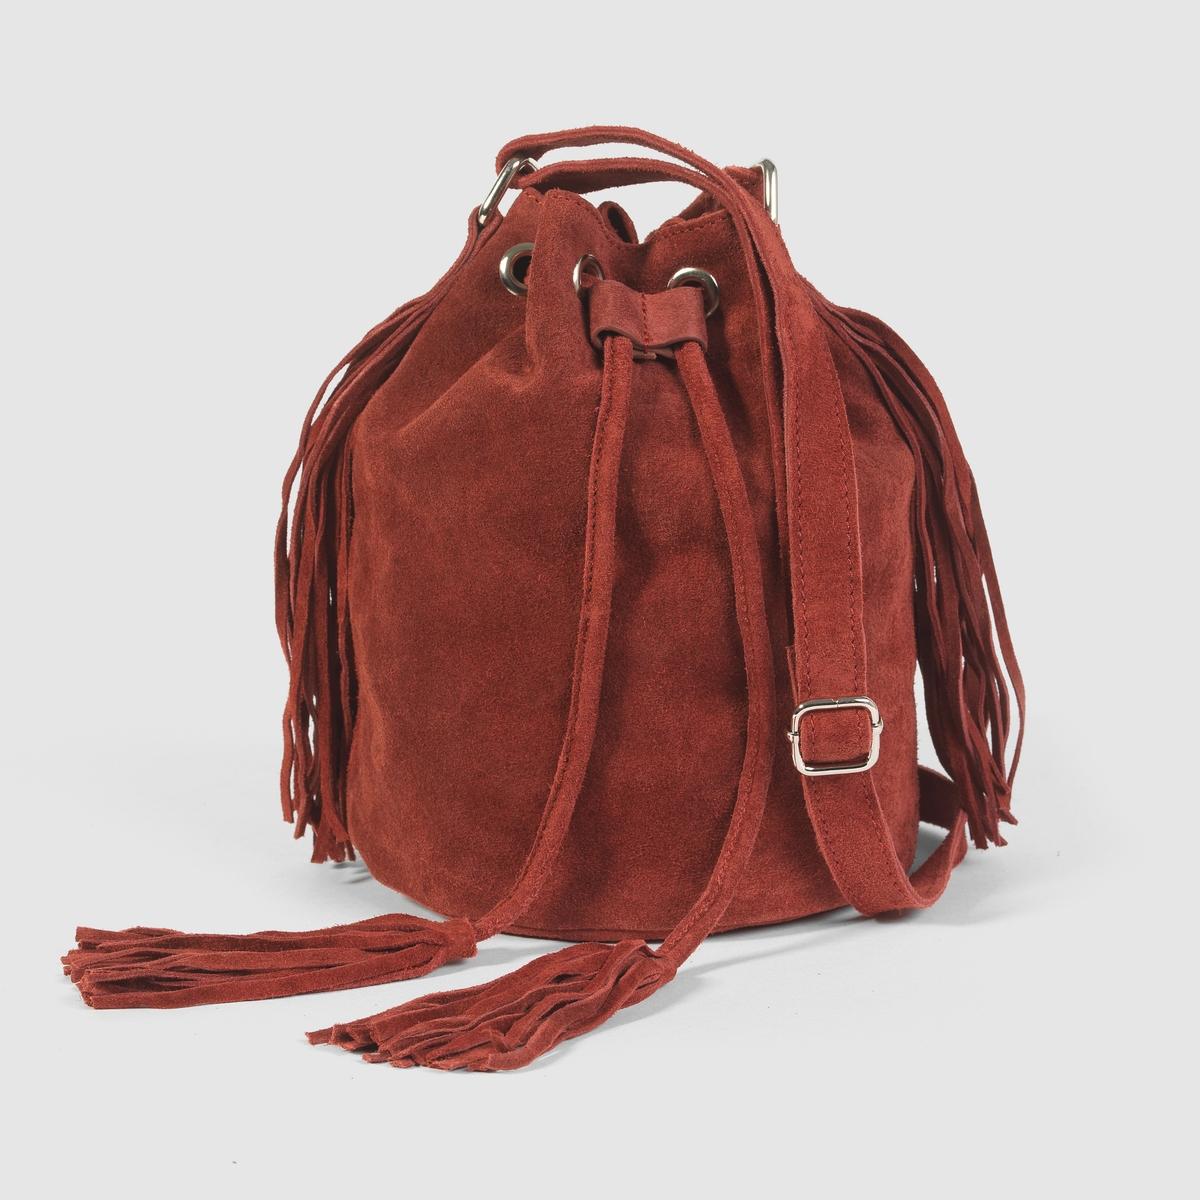 Сумка-торба кожанаяНебольшая сумка-торба из невыделанной кожи, с бахромой, Mademoiselle R .Стильная отделка бахромой и завязка на кулиске для быстрого закрывания  : с этой сумкой хочется отправиться открывать новые городские пространства  ! Состав и описаниеМатериал             верх : спилок                          подкладка : текстильМарка            Mademoiselle RРазмеры :    диаметр 17 см x высота 24 смЗастежка : завязки на кулиске с помпонами на концах из спилка.Регулируемый плечевой ремень.<br><br>Цвет: бордовый<br>Размер: единый размер